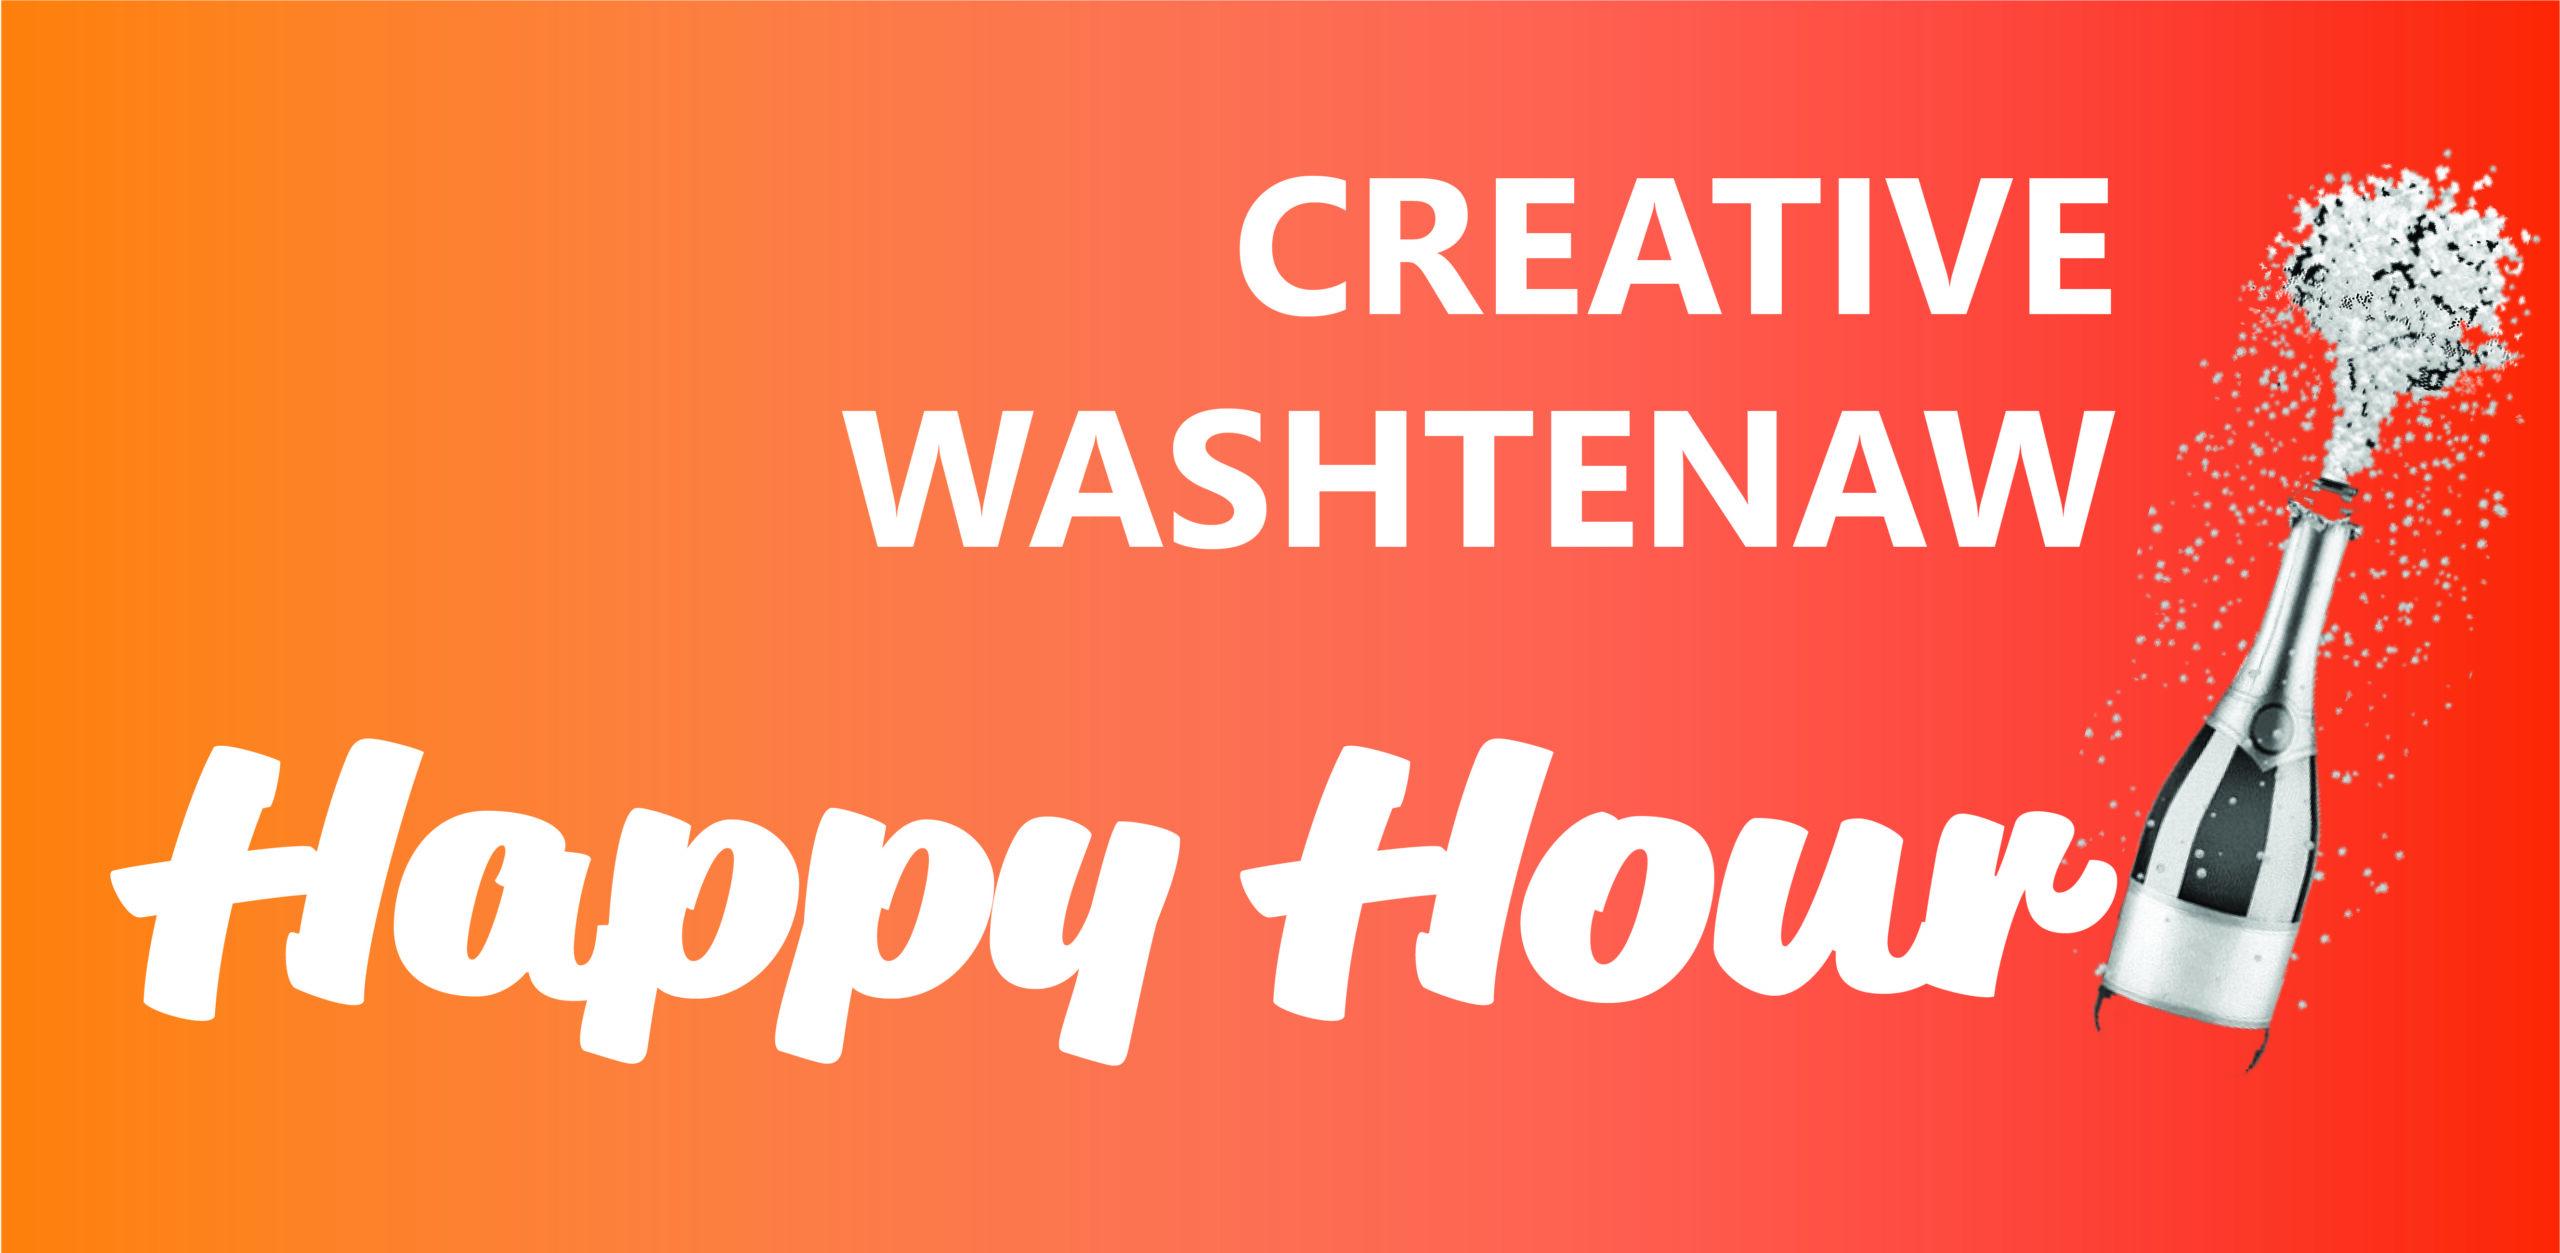 Creative Washtenaw Happy Hour